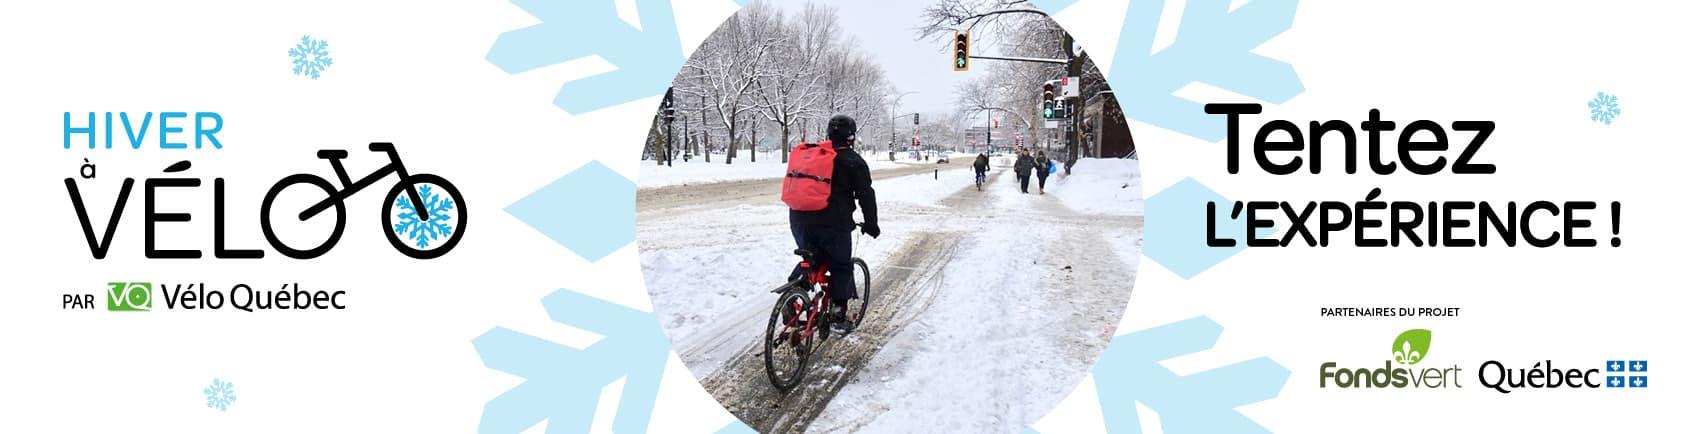 Hiver à vélo